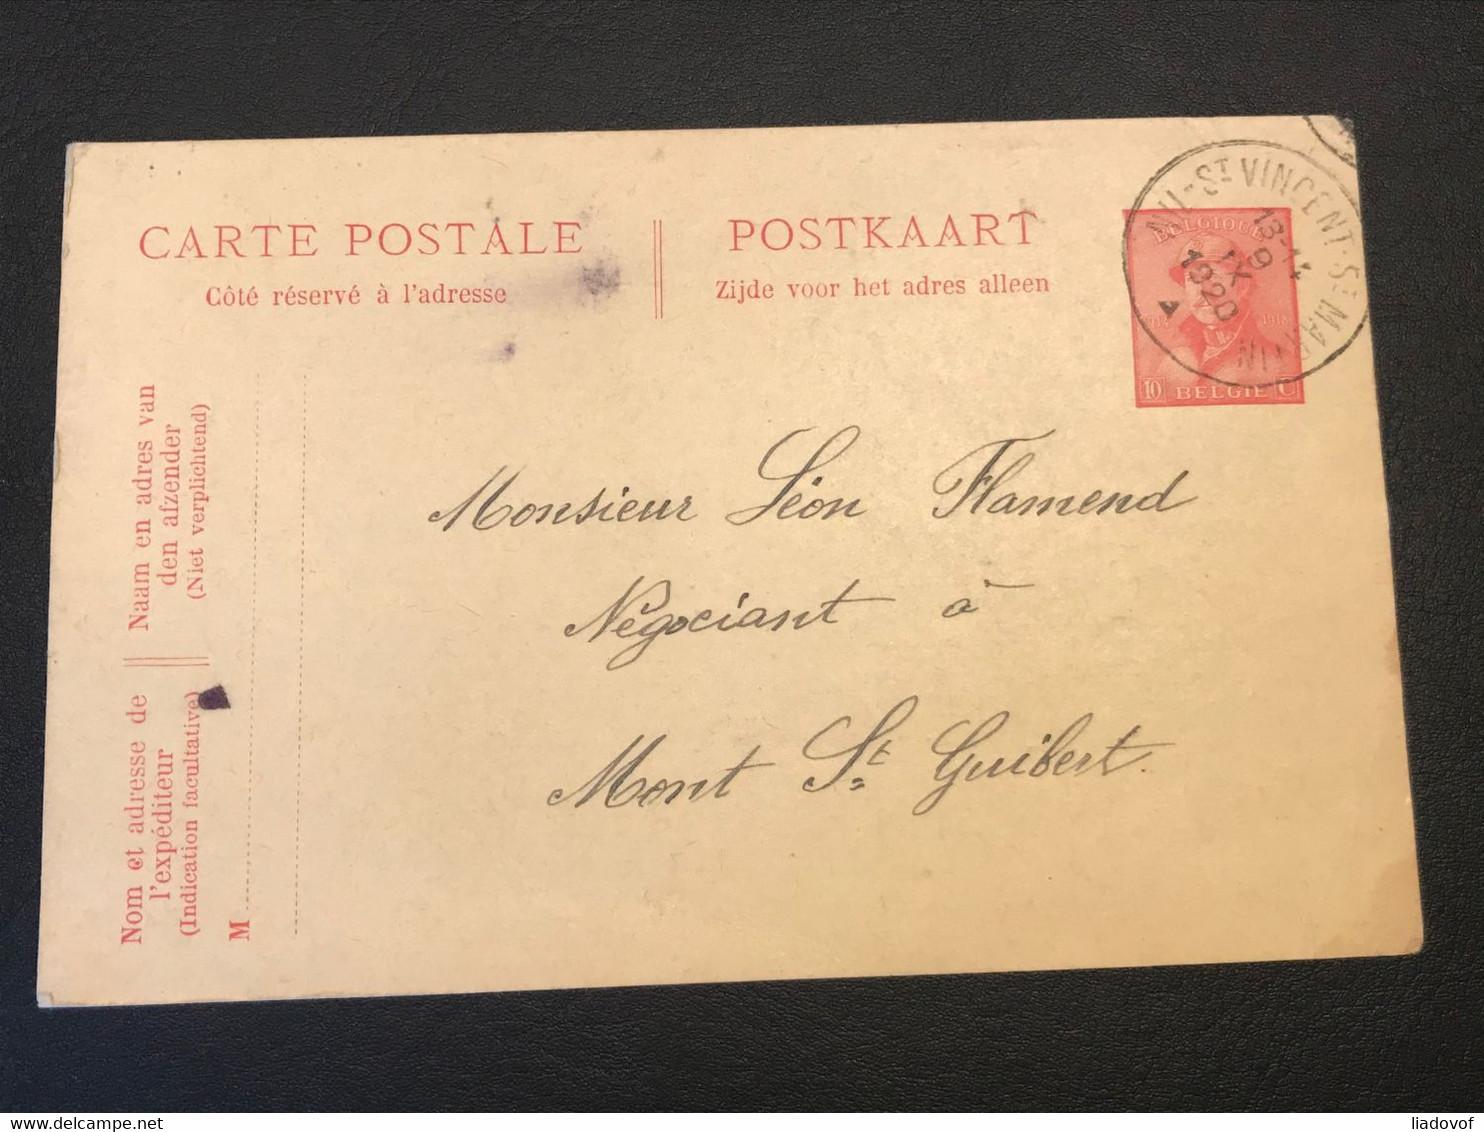 Postkaart Uitgifte Albert I Helm 10c - Nil St Vincent St Martin - Mont St Guibert 9 IX 1920 - Cartoline [1909-34]